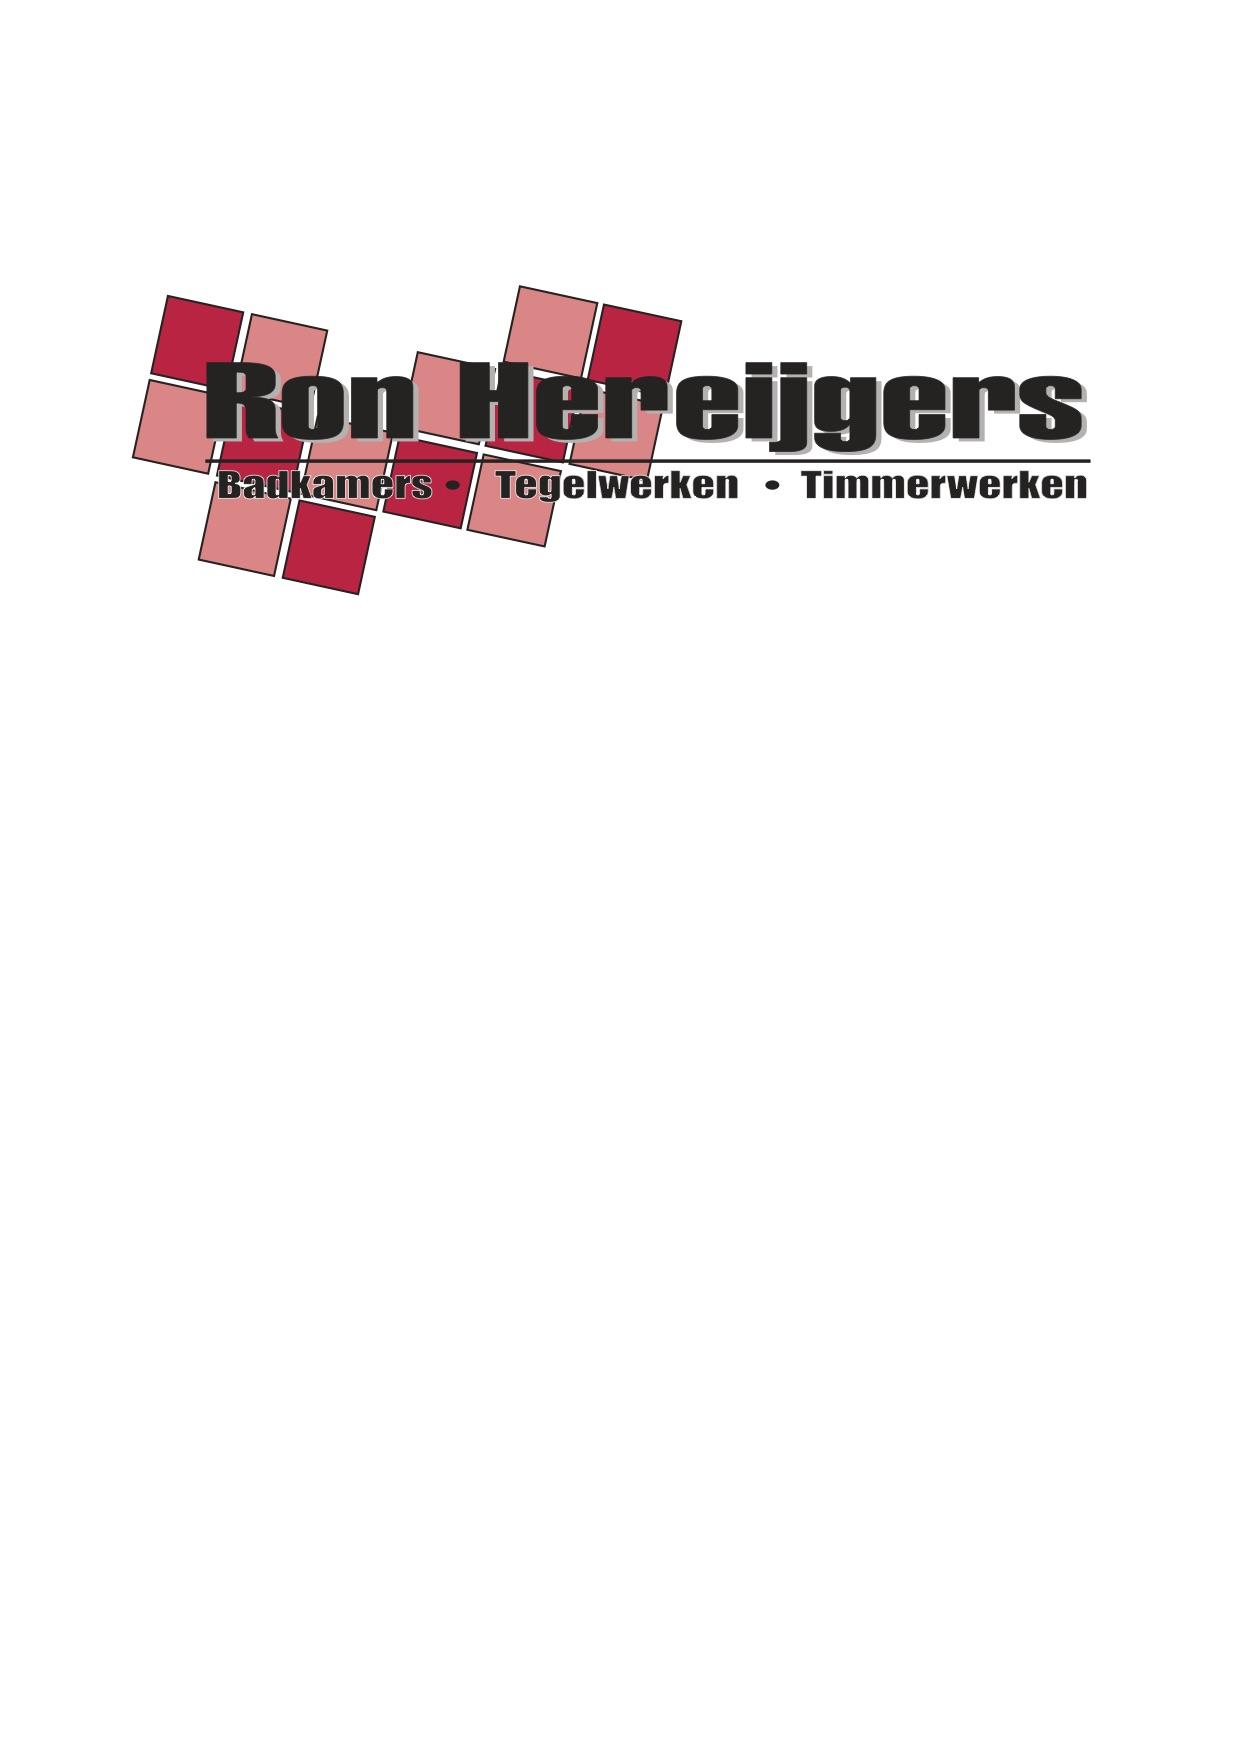 Ron Hereijgers logo pdf